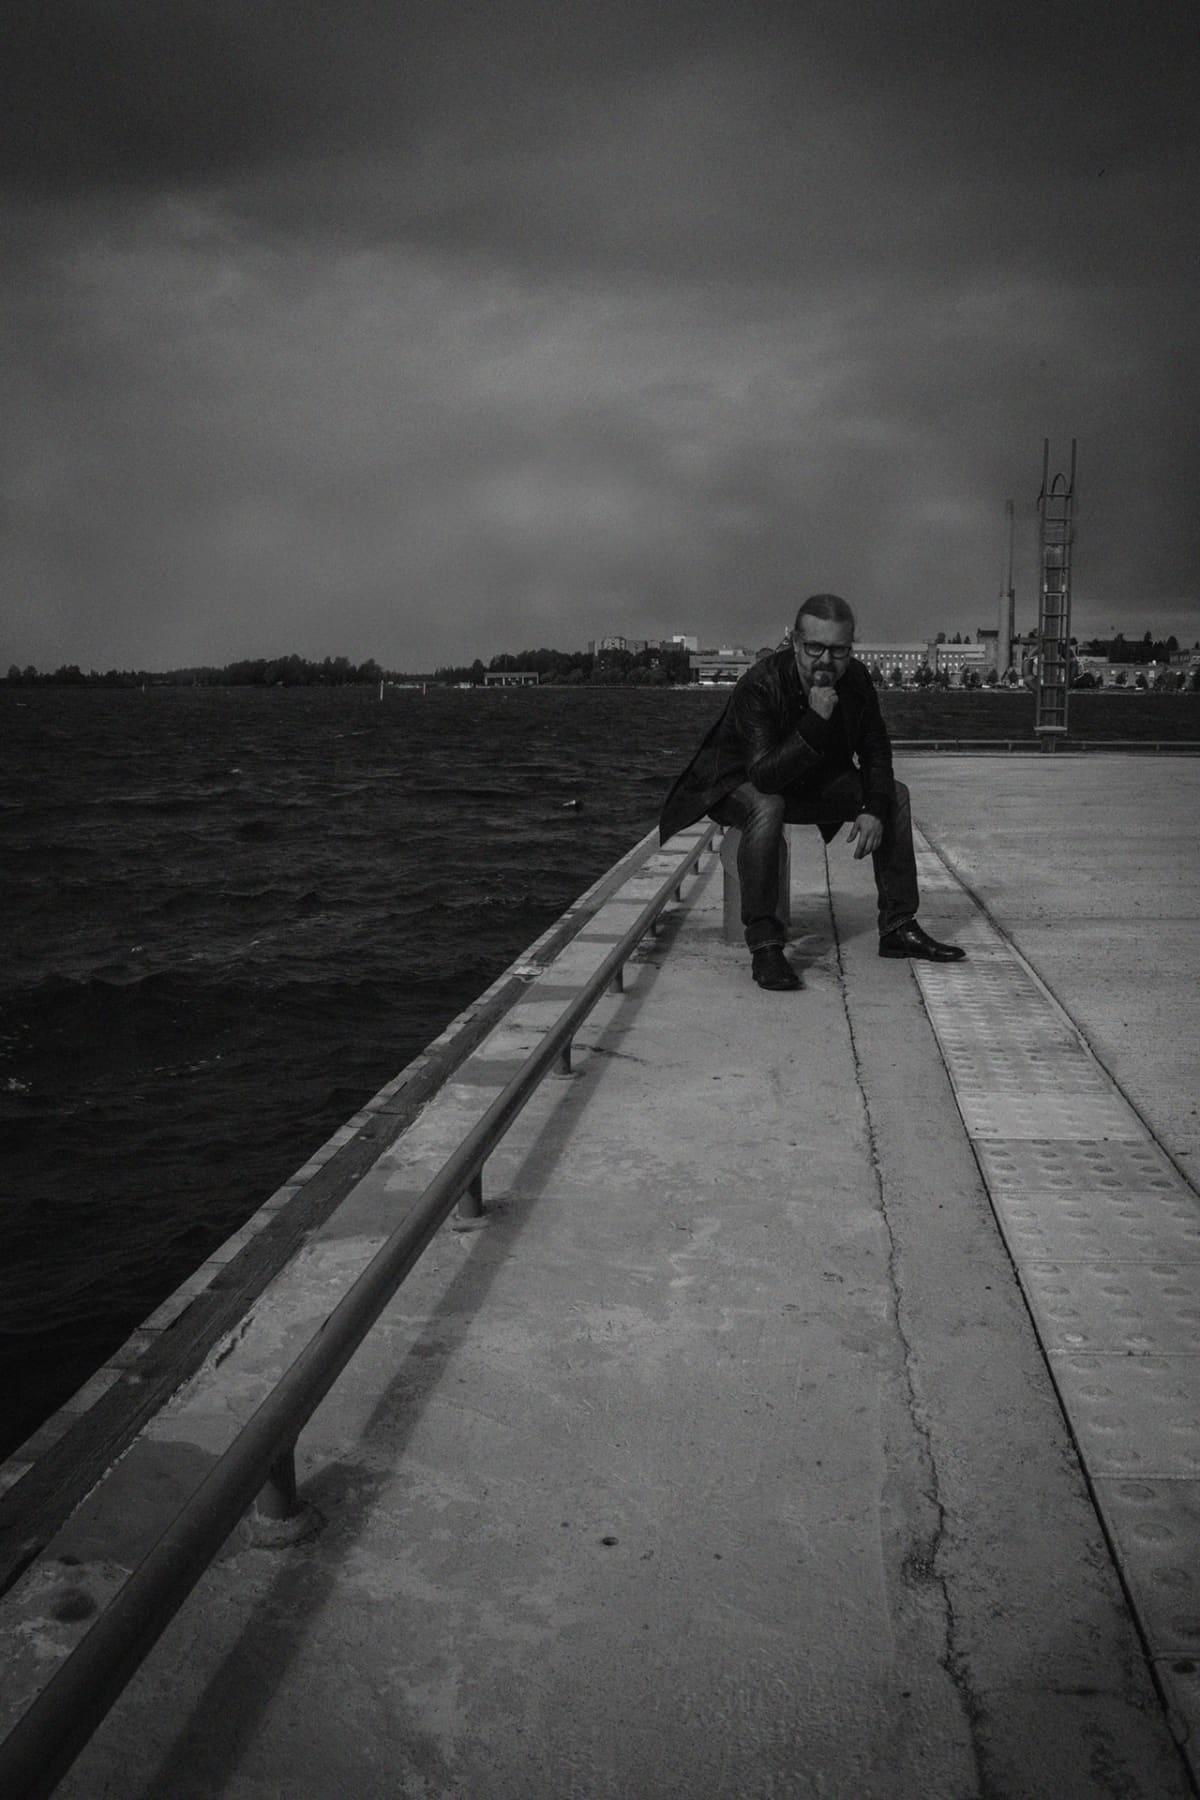 Marko Hautala, kauhukirjallisuus